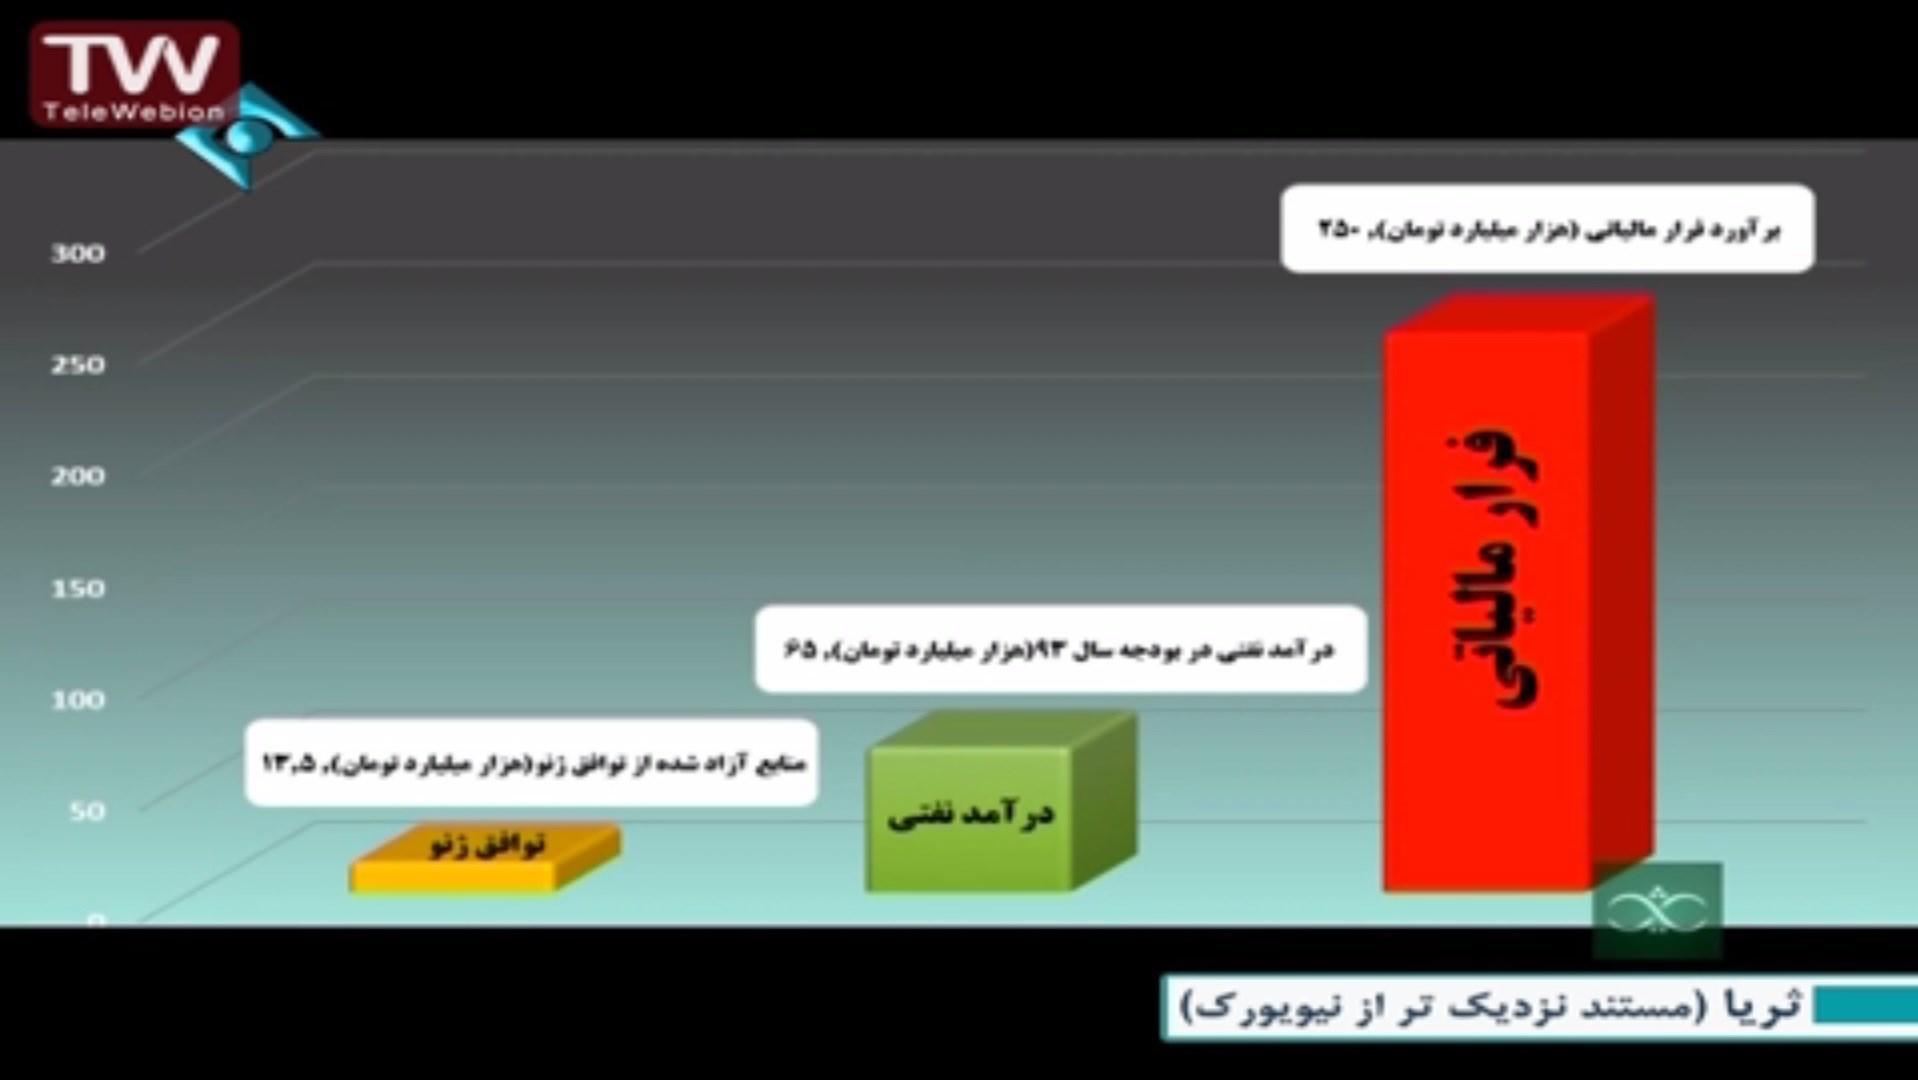 تلگرام شبکه خبر سیما